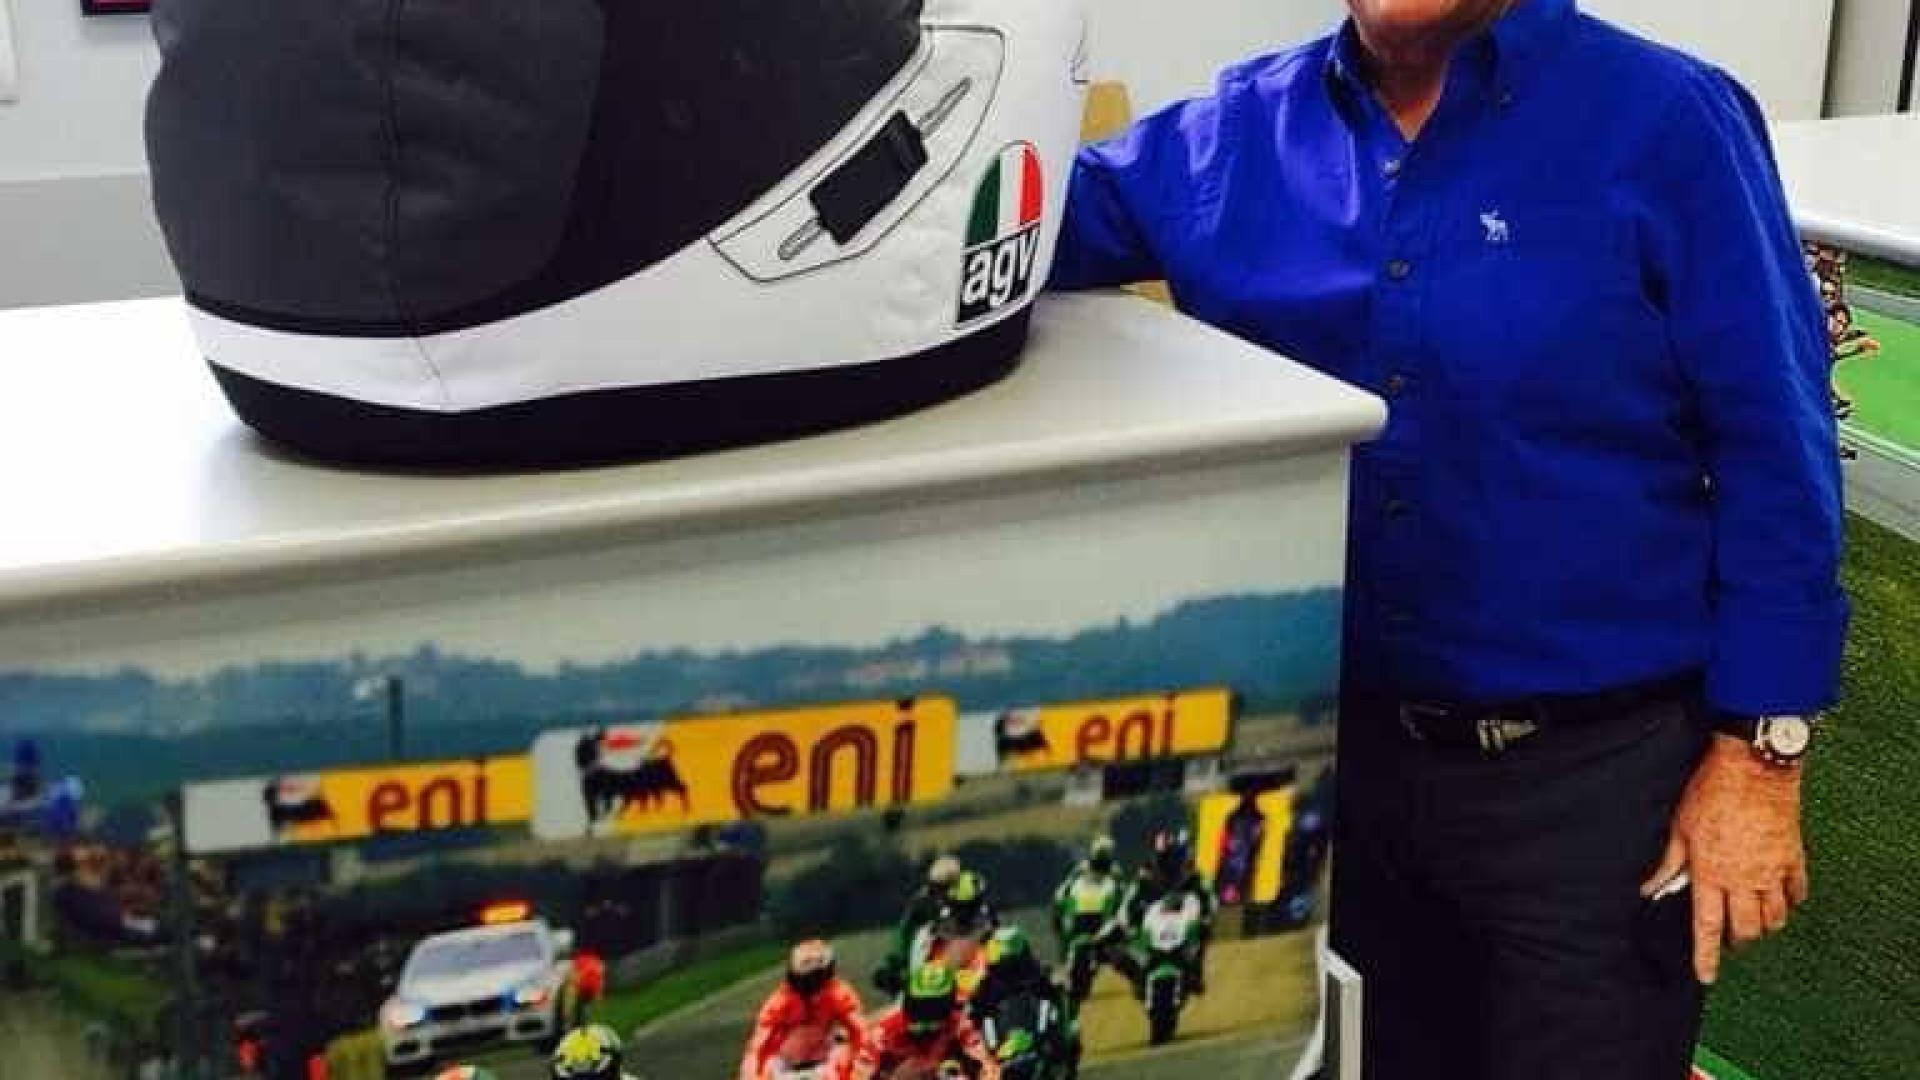 Ángel Nieto, ex-piloto, morre aos 70 anos